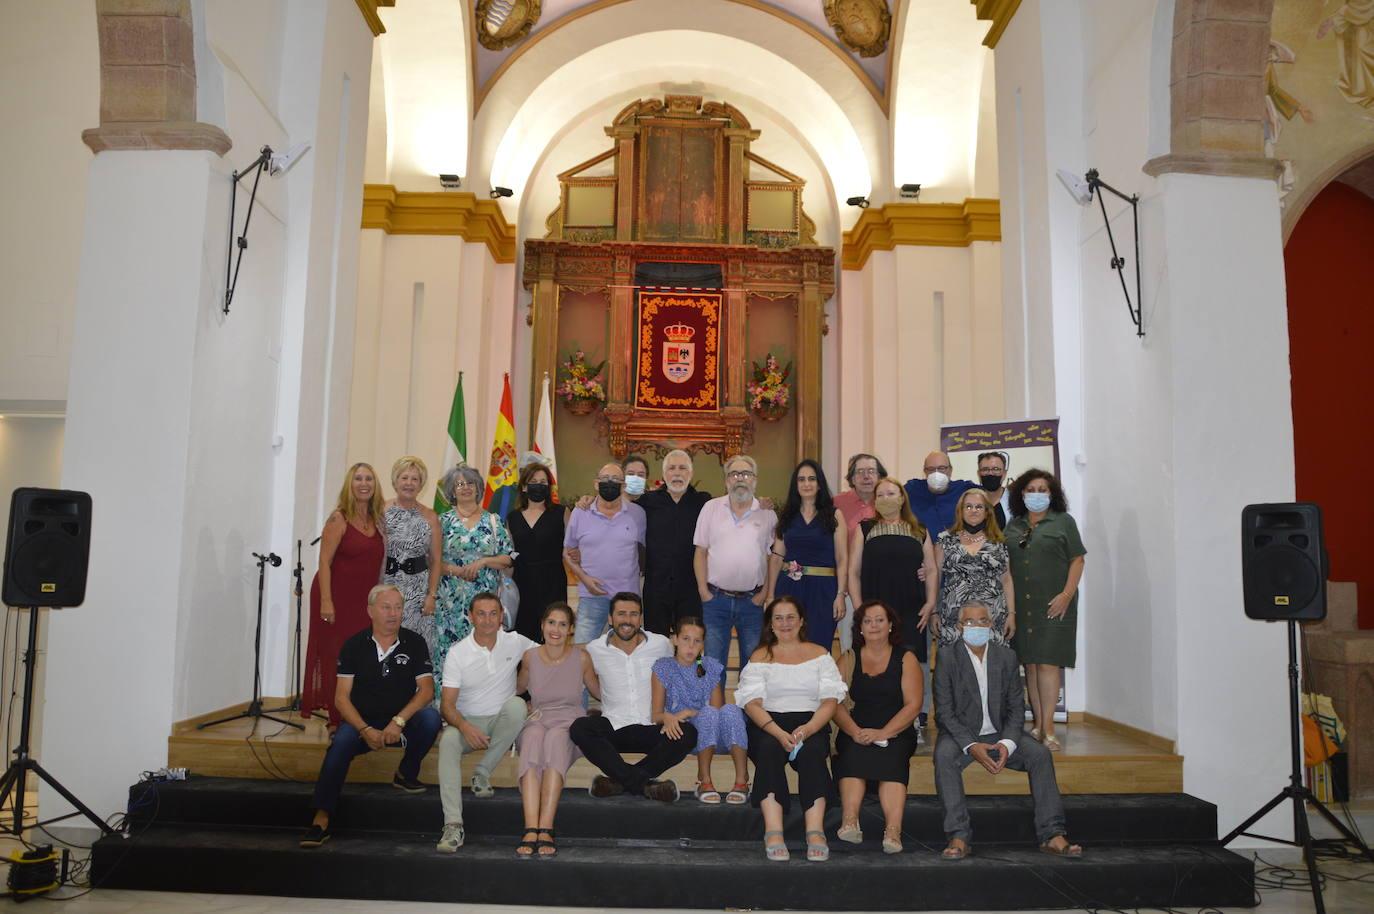 El colectivo Anduxar organiza el Encuentro a Tres con presencia de colectivos culturales de Baza y Molina de Segura